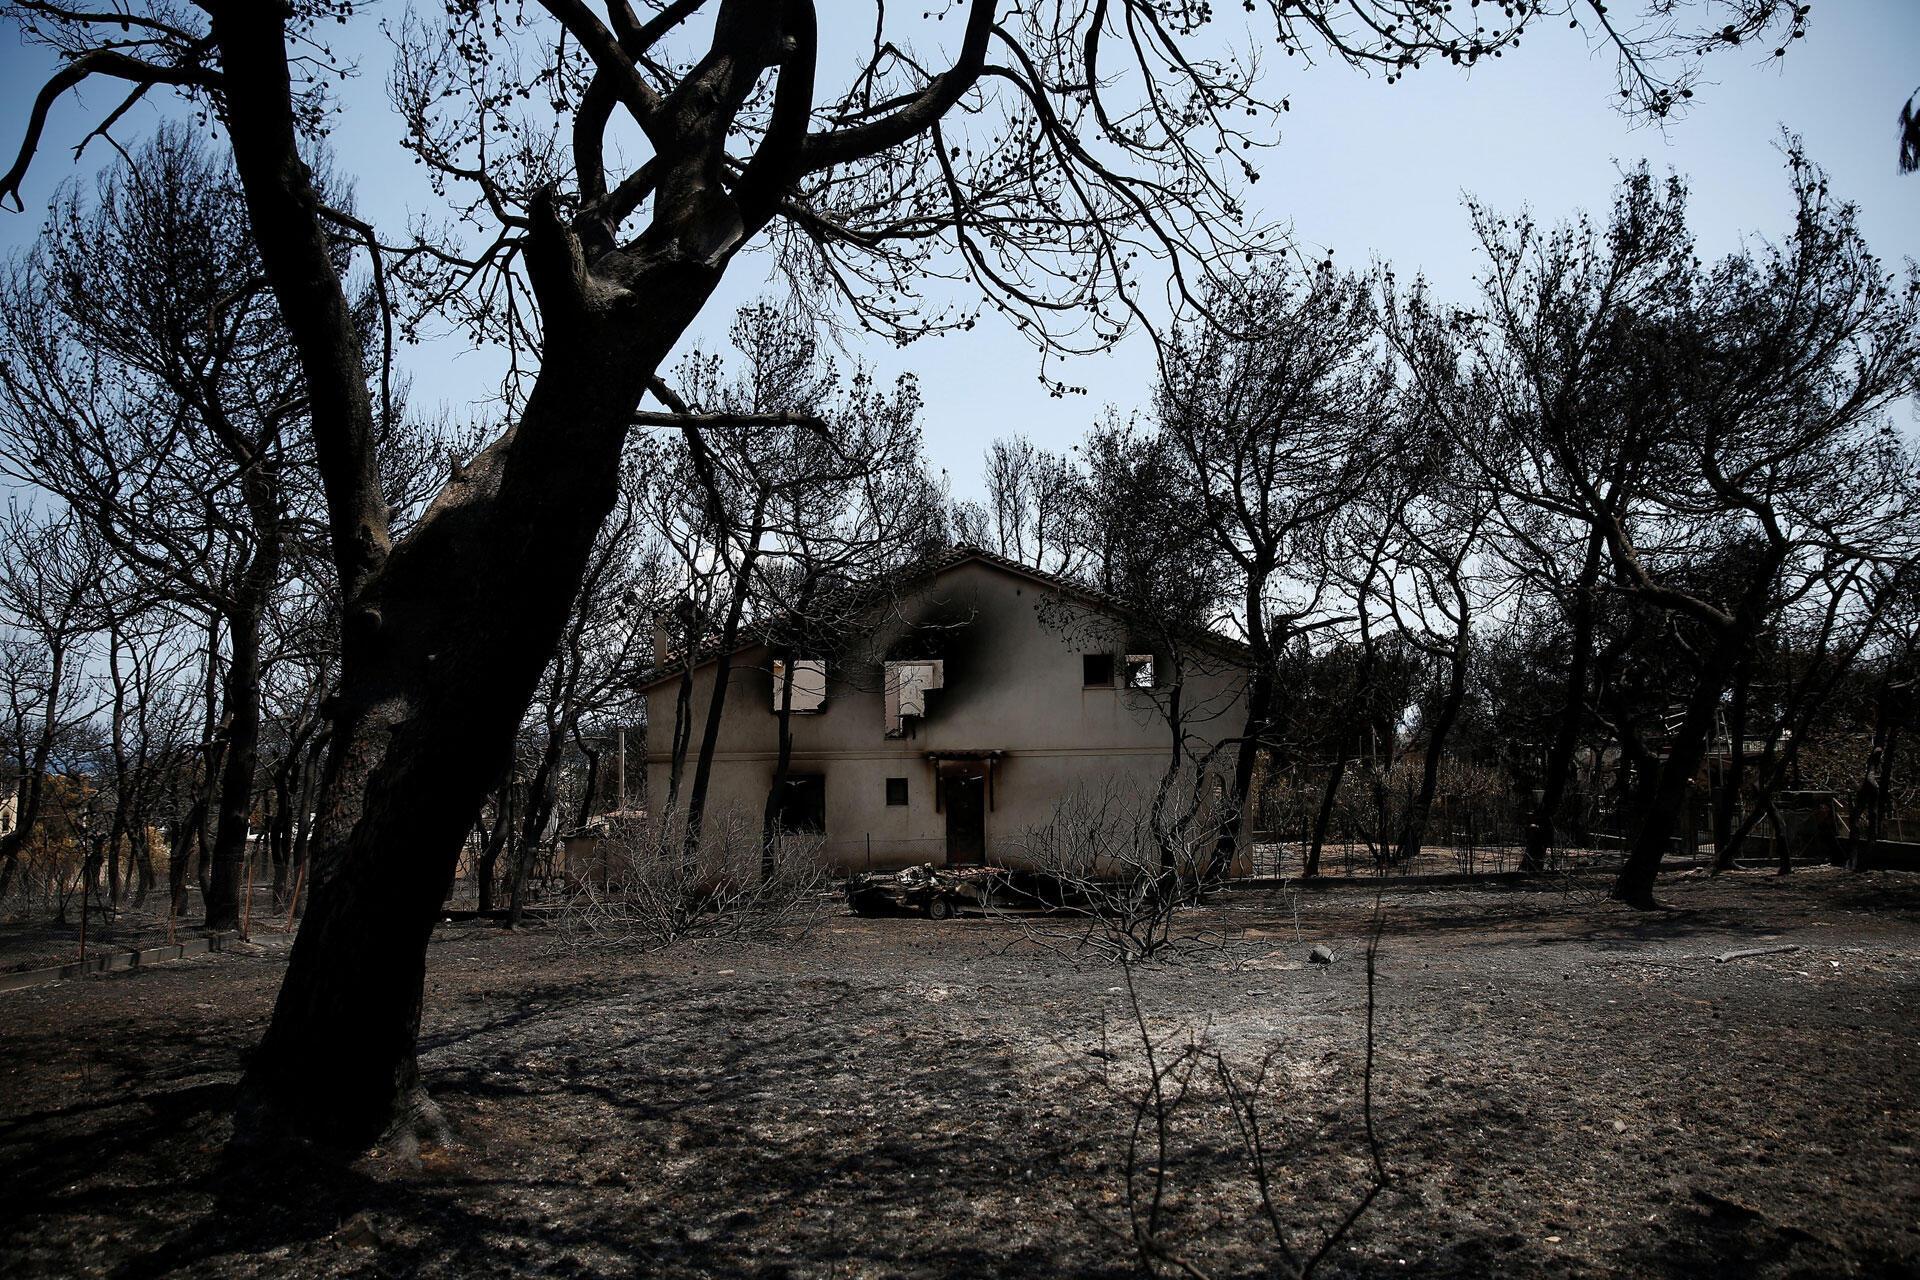 L'une des nombreuses maisons qui ont brulé lors de l'incendie qui a eu lieu dans le village de Mati en Grèce, le 28 juillet 2018.